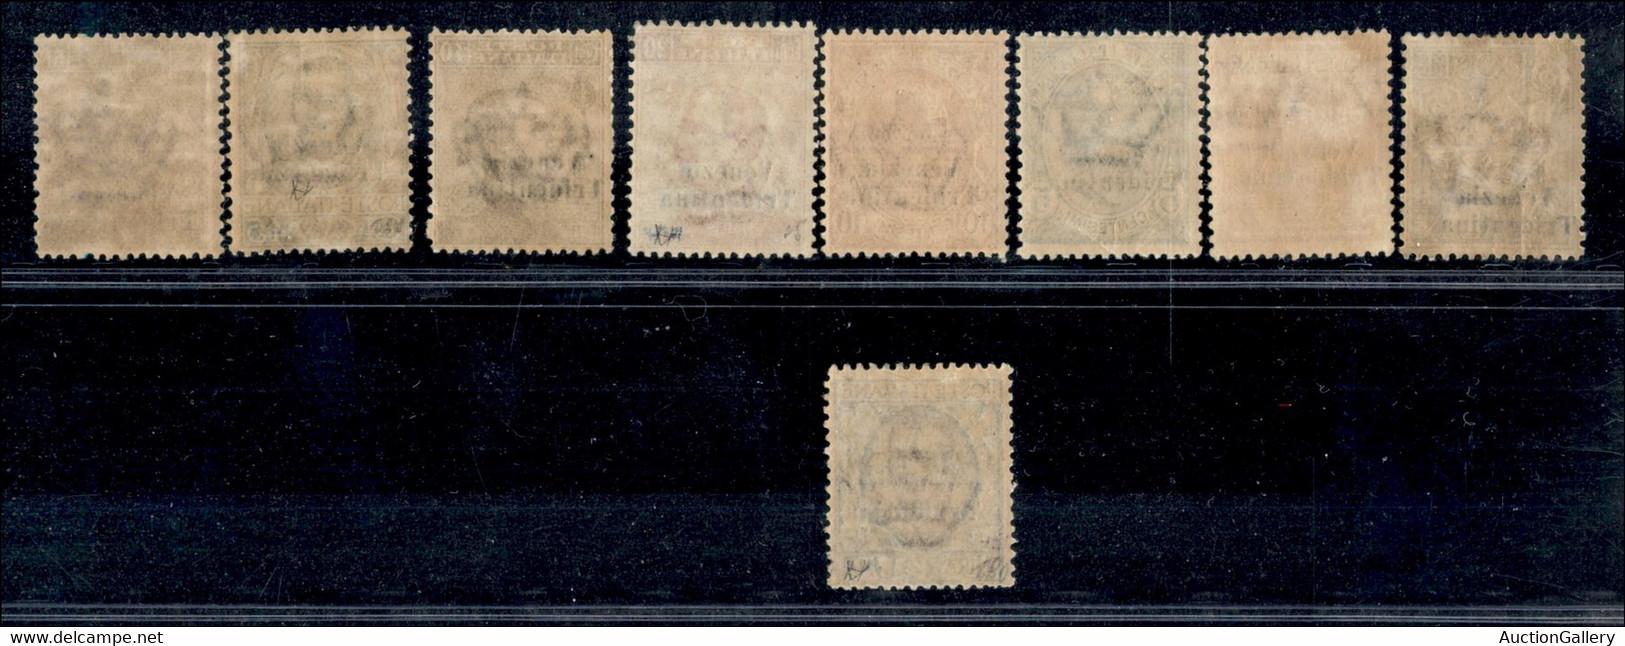 OCCUPAZIONI I GUERRA MONDIALE - TRENTINO-ALTO ADIGE - 1918 - Venezia Tridentina (19/27) - Serie Completa - Gomma Origina - Unclassified